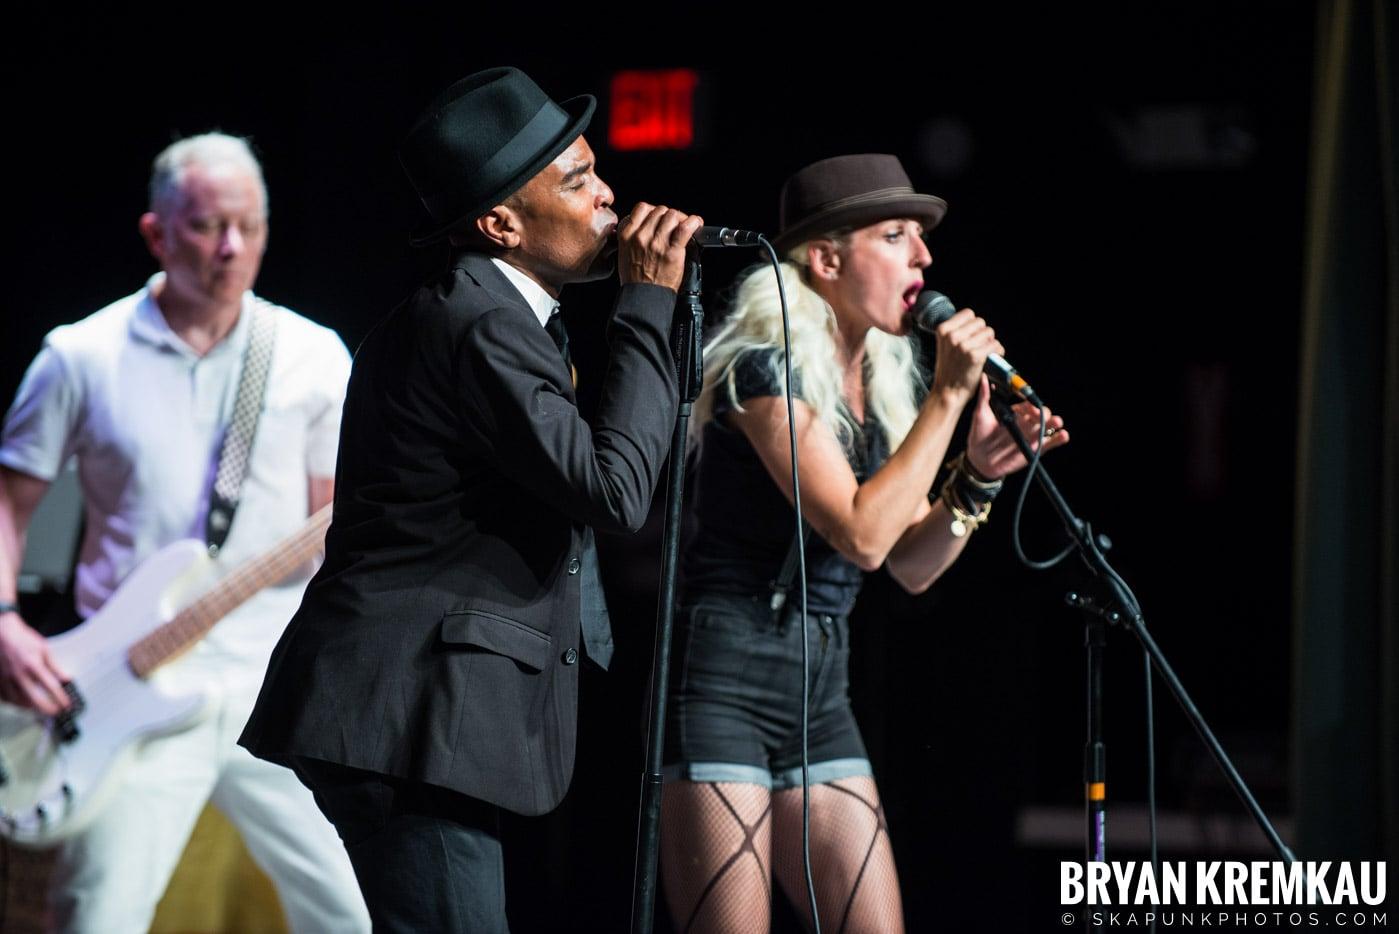 Rude Boy George @ Oskar Schindler Performing Arts Center, West Orange, NJ - 8.19.17 (49)